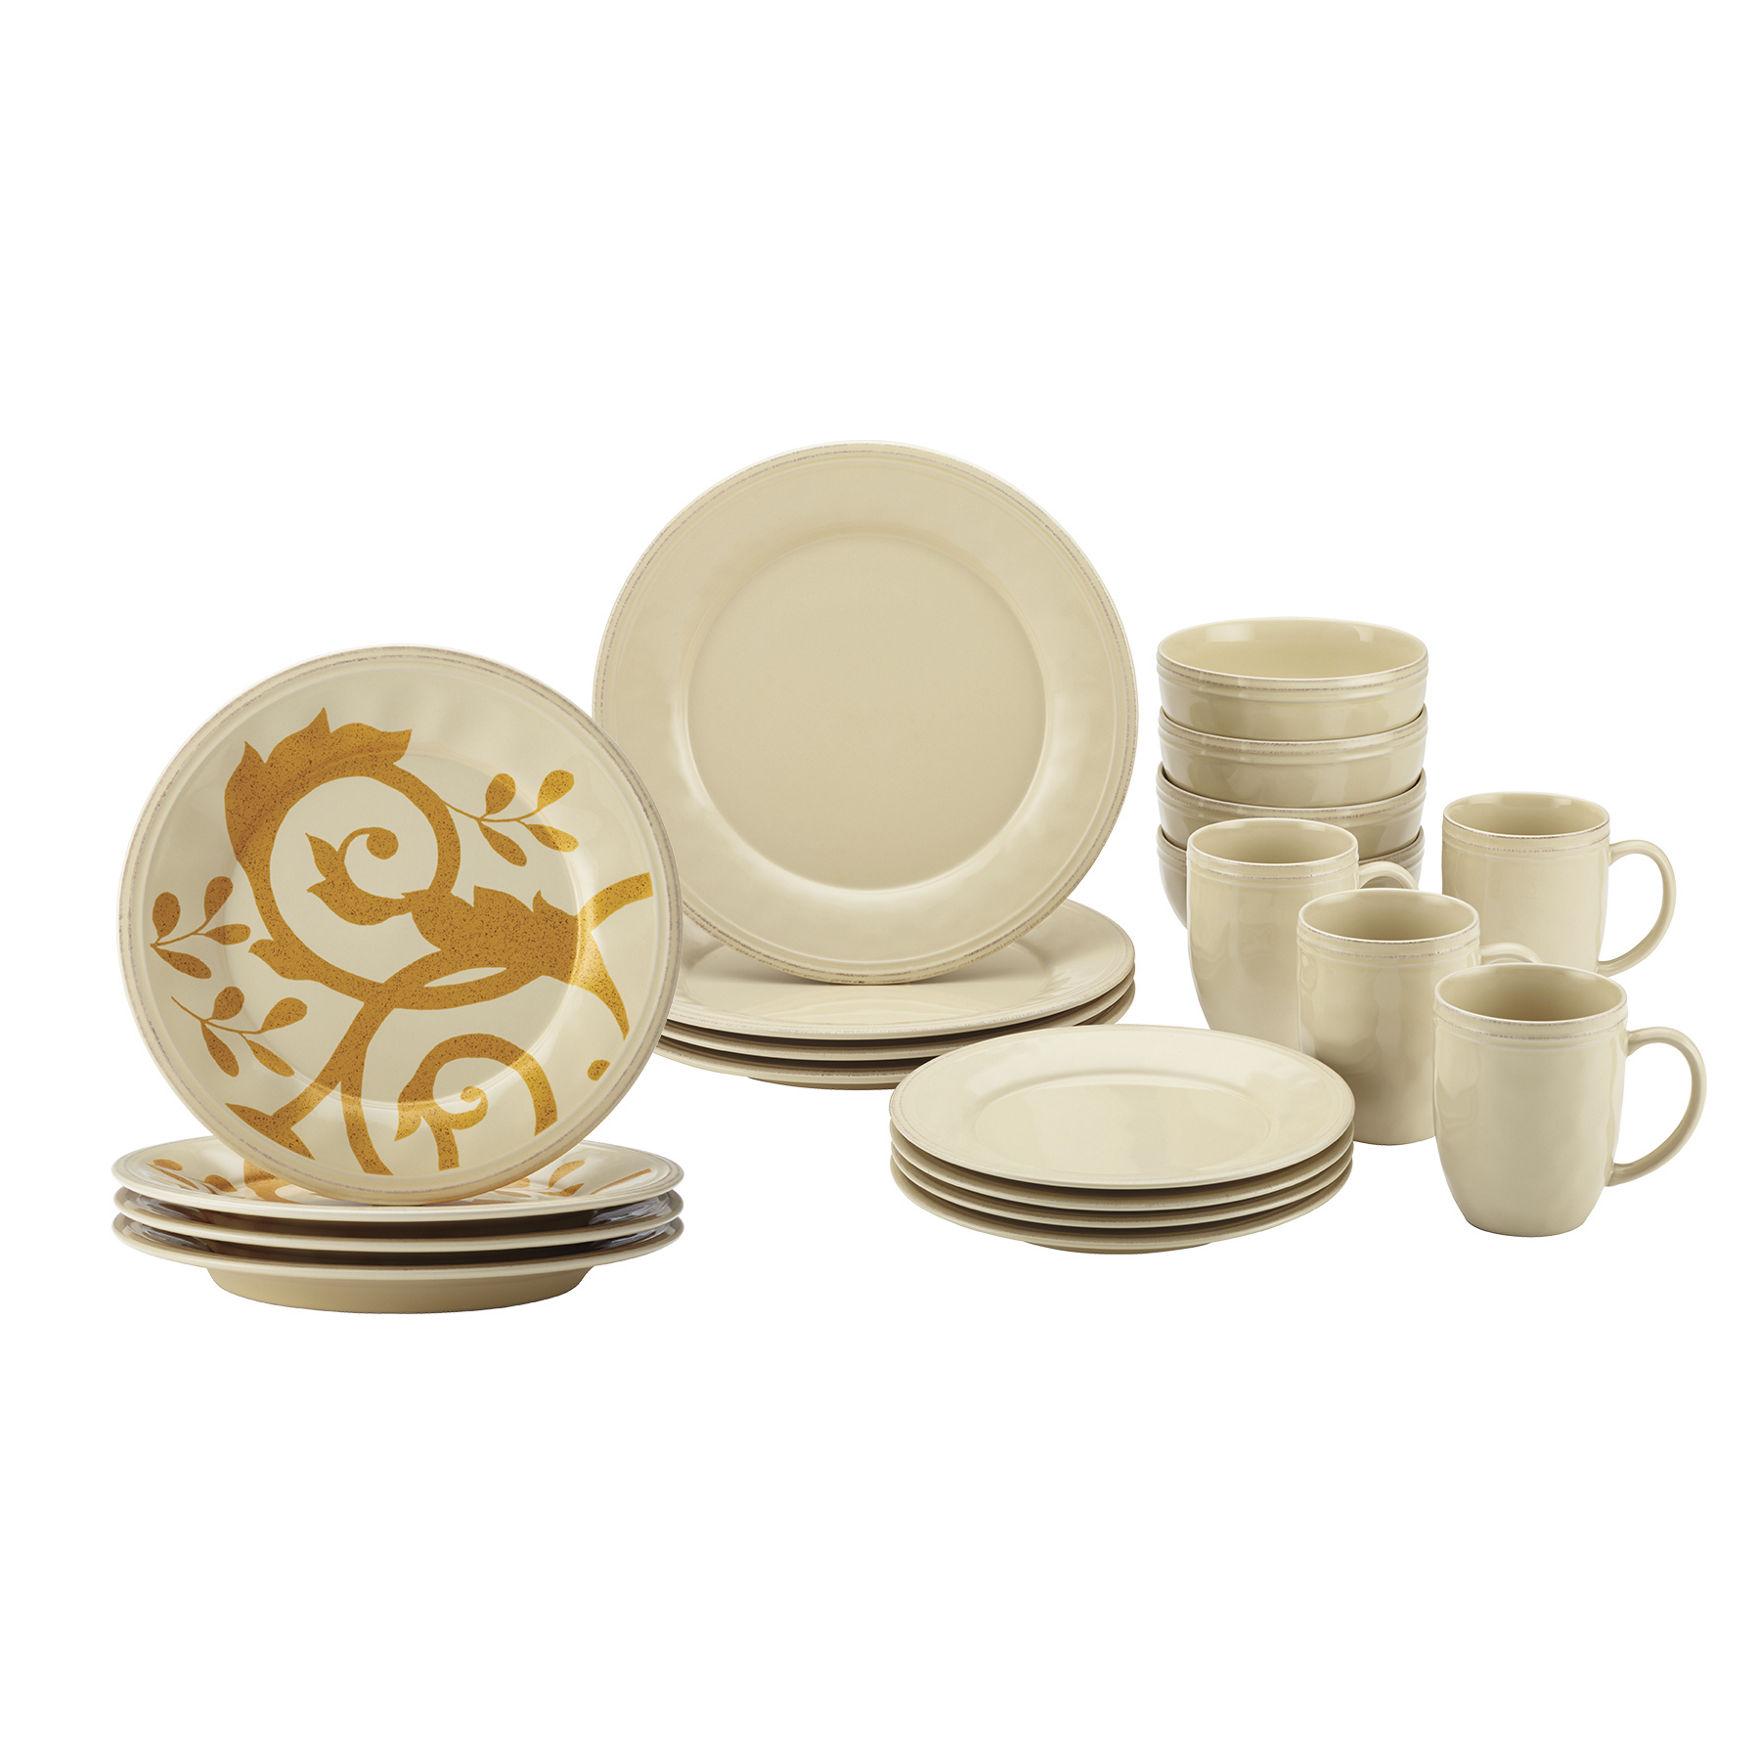 Rachael Ray Cream Dinnerware Sets Dinnerware